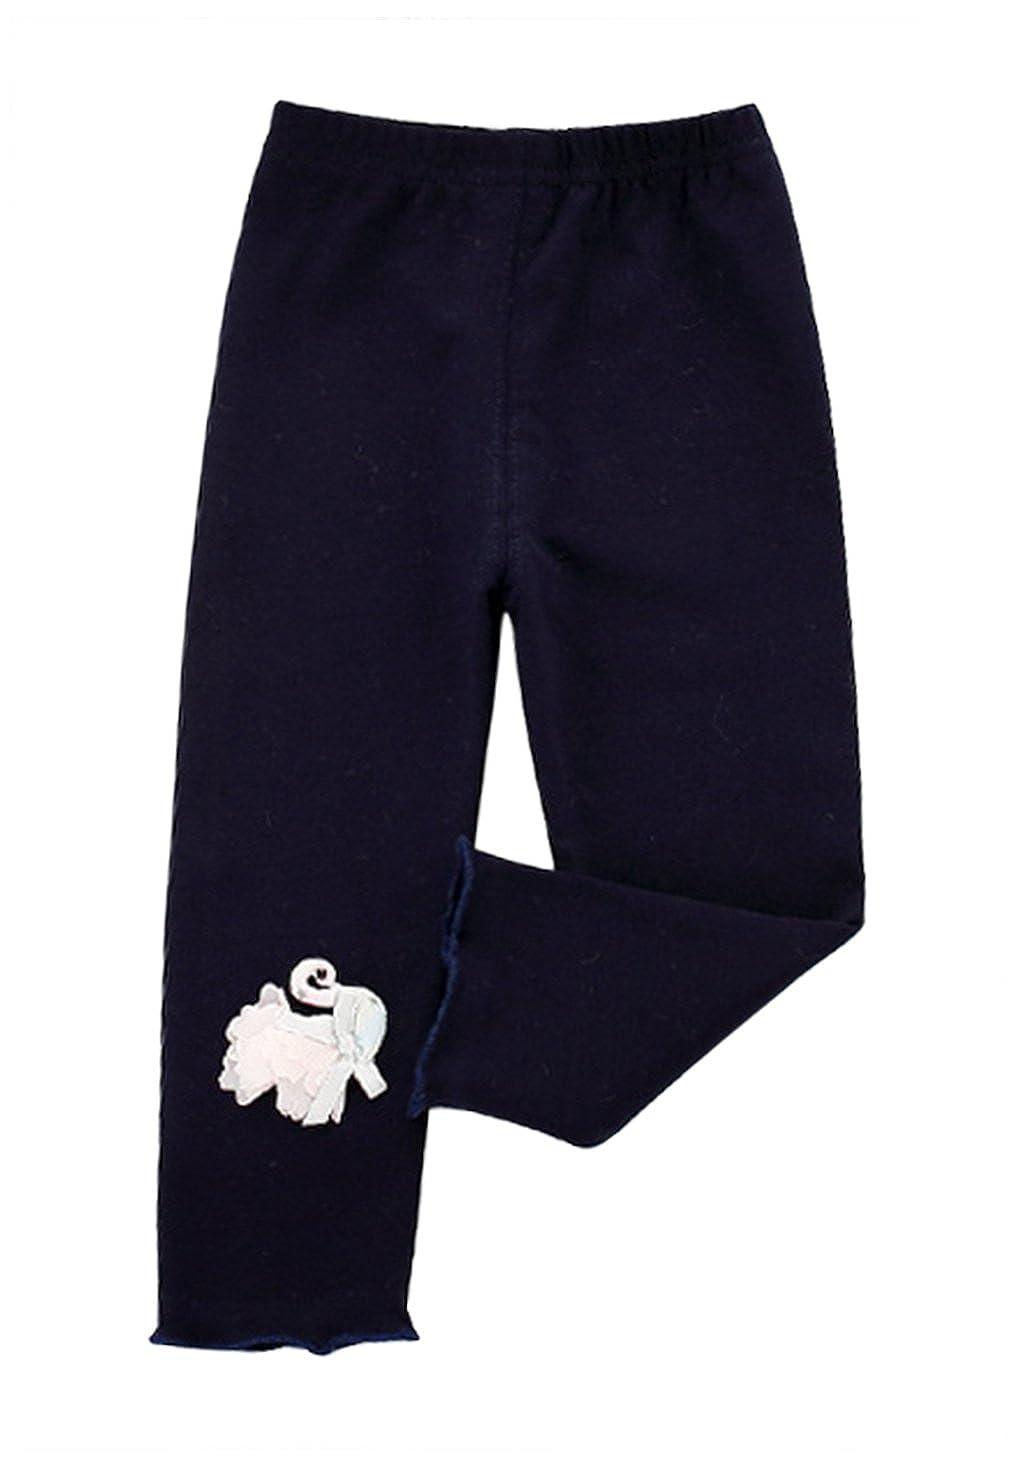 【超安い】 La Vogue 15.7inch) PANTS ベビーガールズ ガールズ ガールズ Size 11(Waist 15.7inch) ネイビー La B0797STZTK, セイダンチョウ:498cf846 --- a0267596.xsph.ru